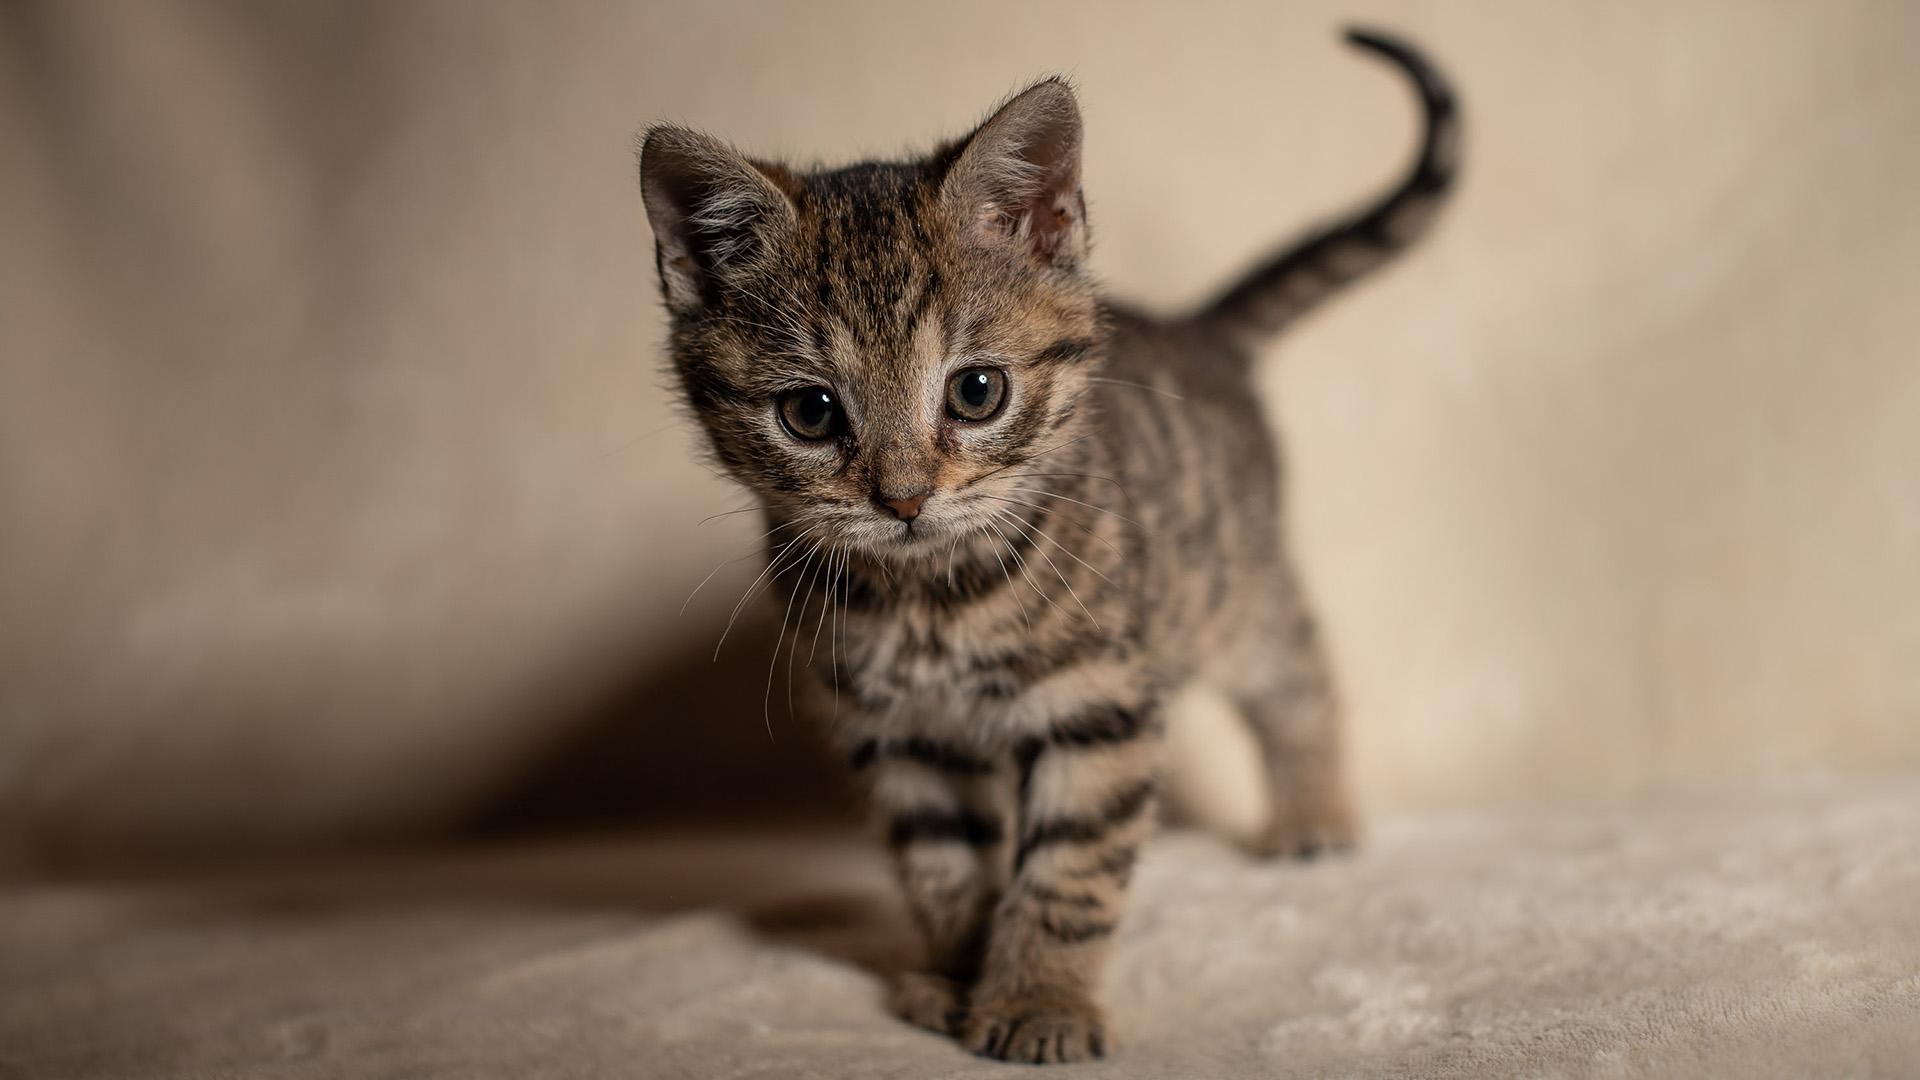 Macska örökbefogadása